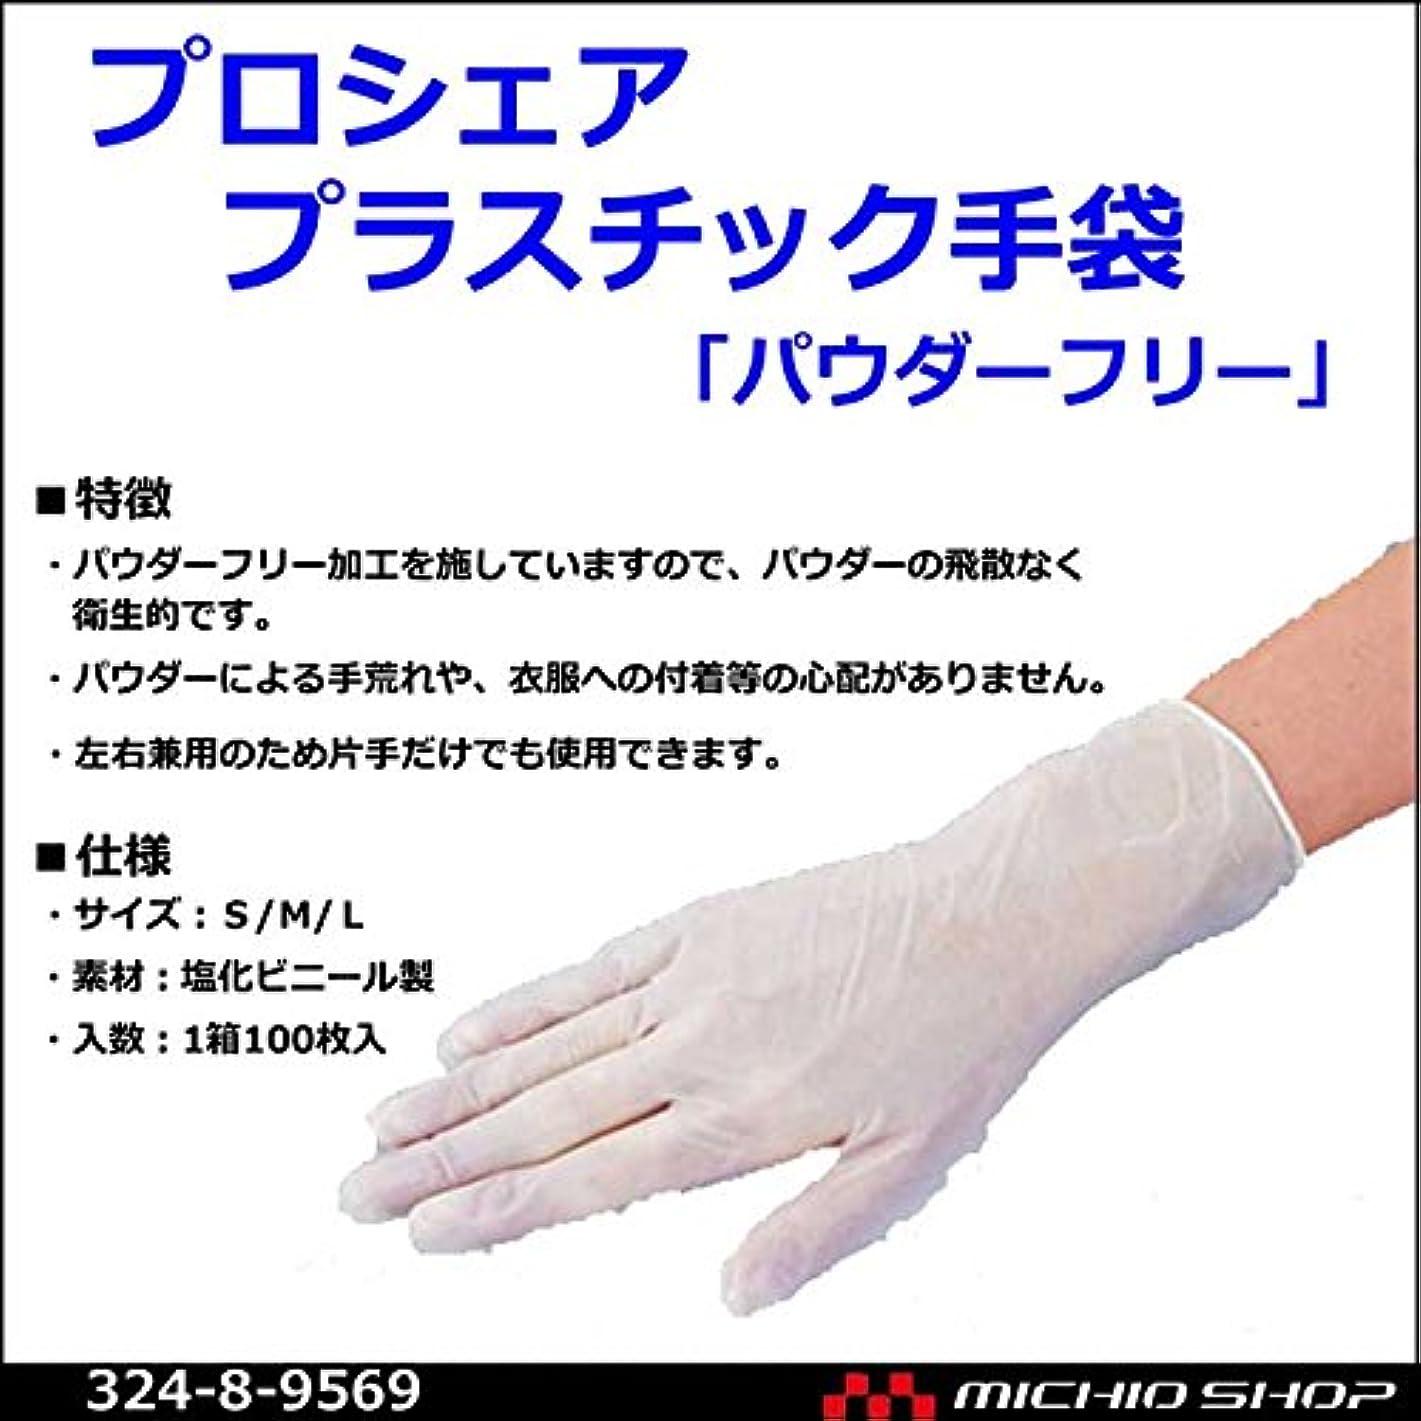 エンティティ恐怖絞るアズワン プロシェアプラスチック手袋 100枚入 8-9569 03 S